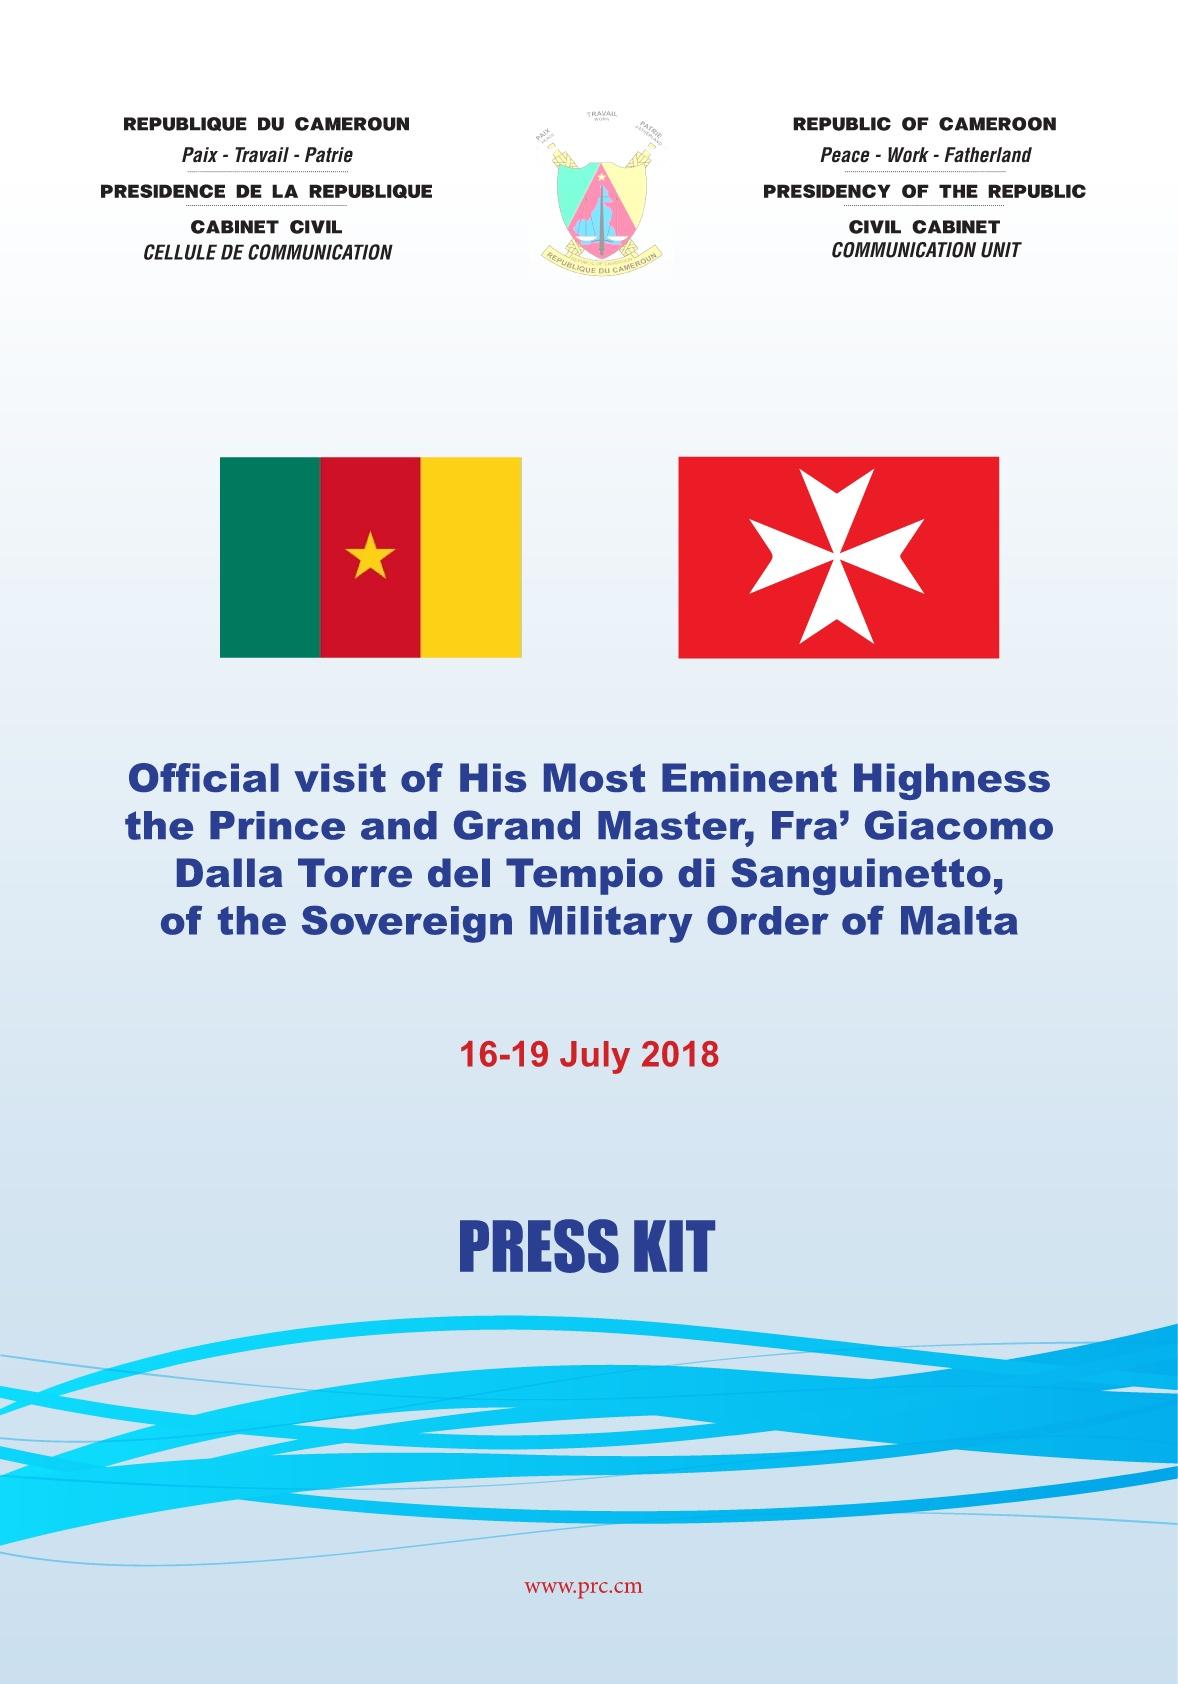 Présidence de la République du Cameroun <br/> 2018/07/16